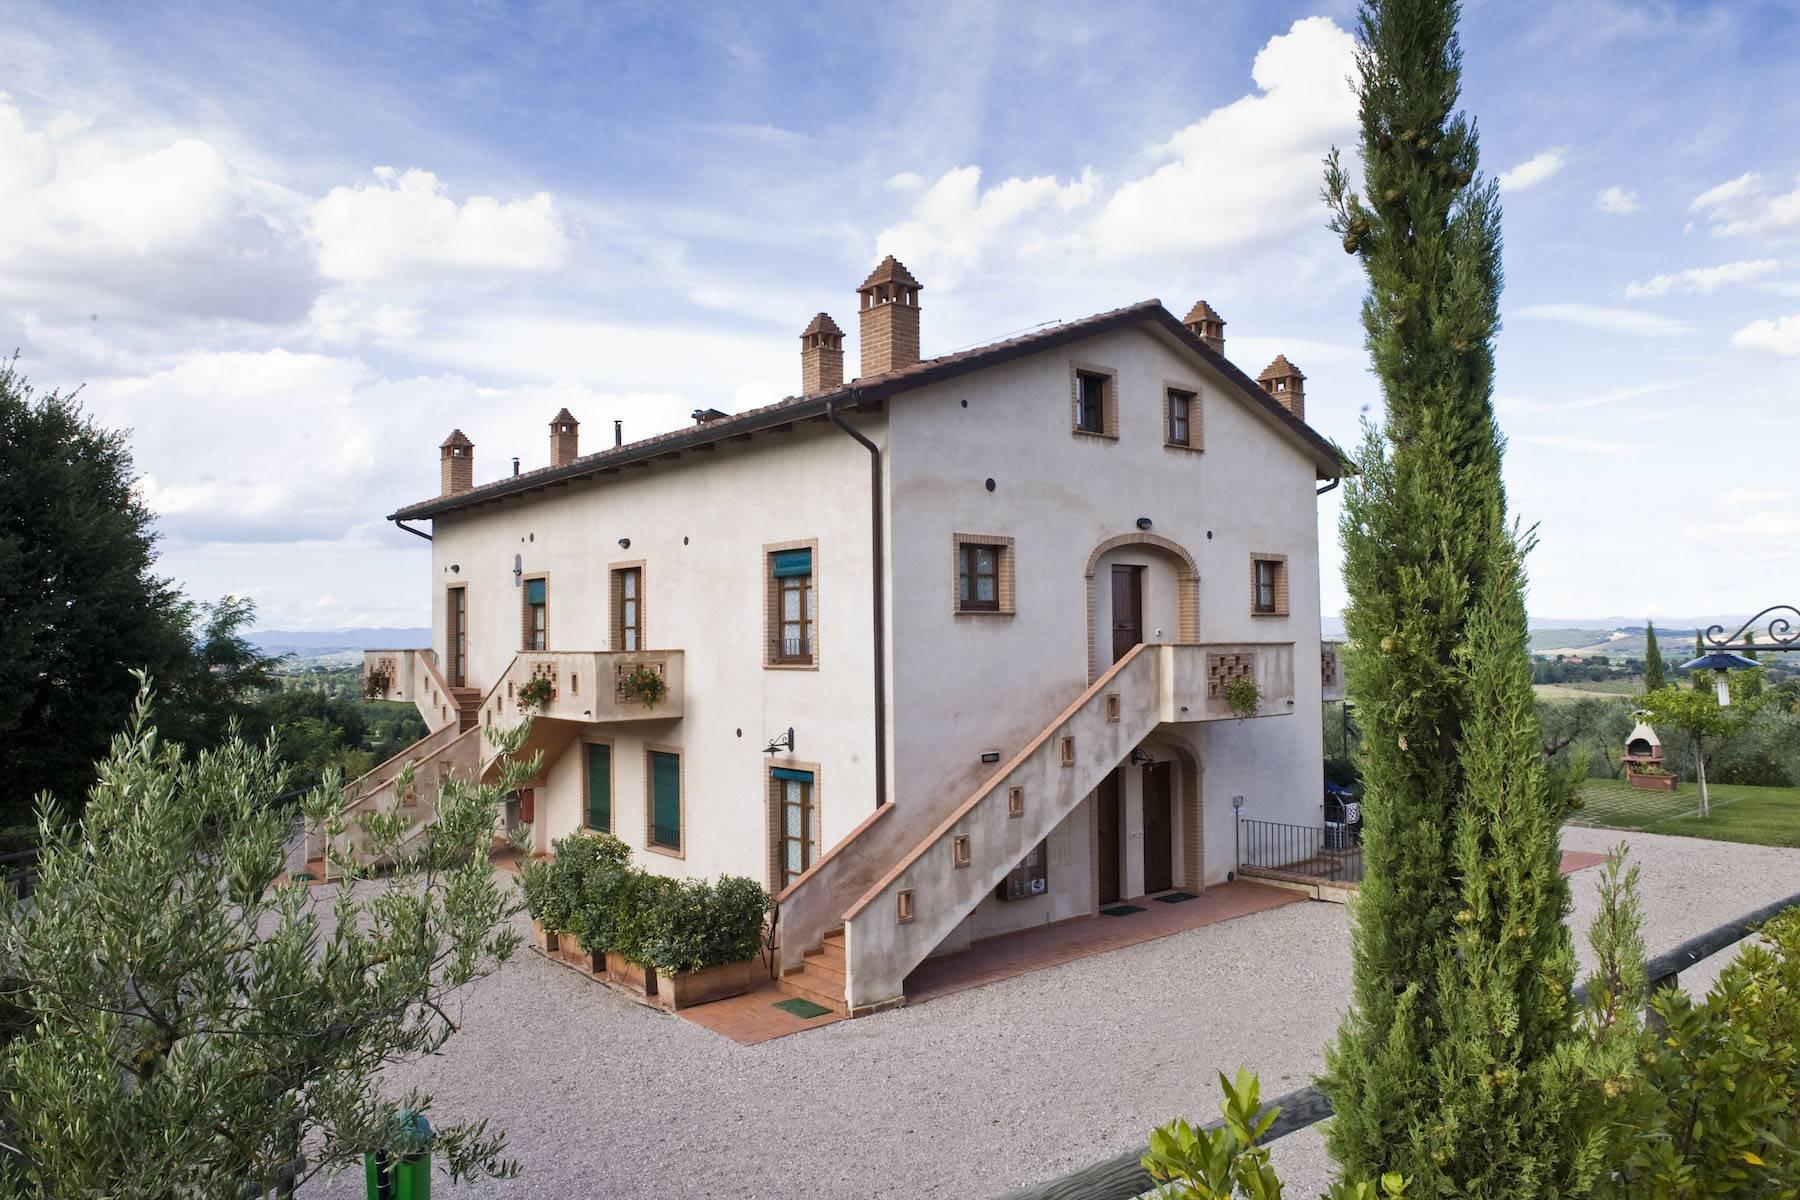 Rustico in Vendita a Montepulciano: 5 locali, 478 mq - Foto 2